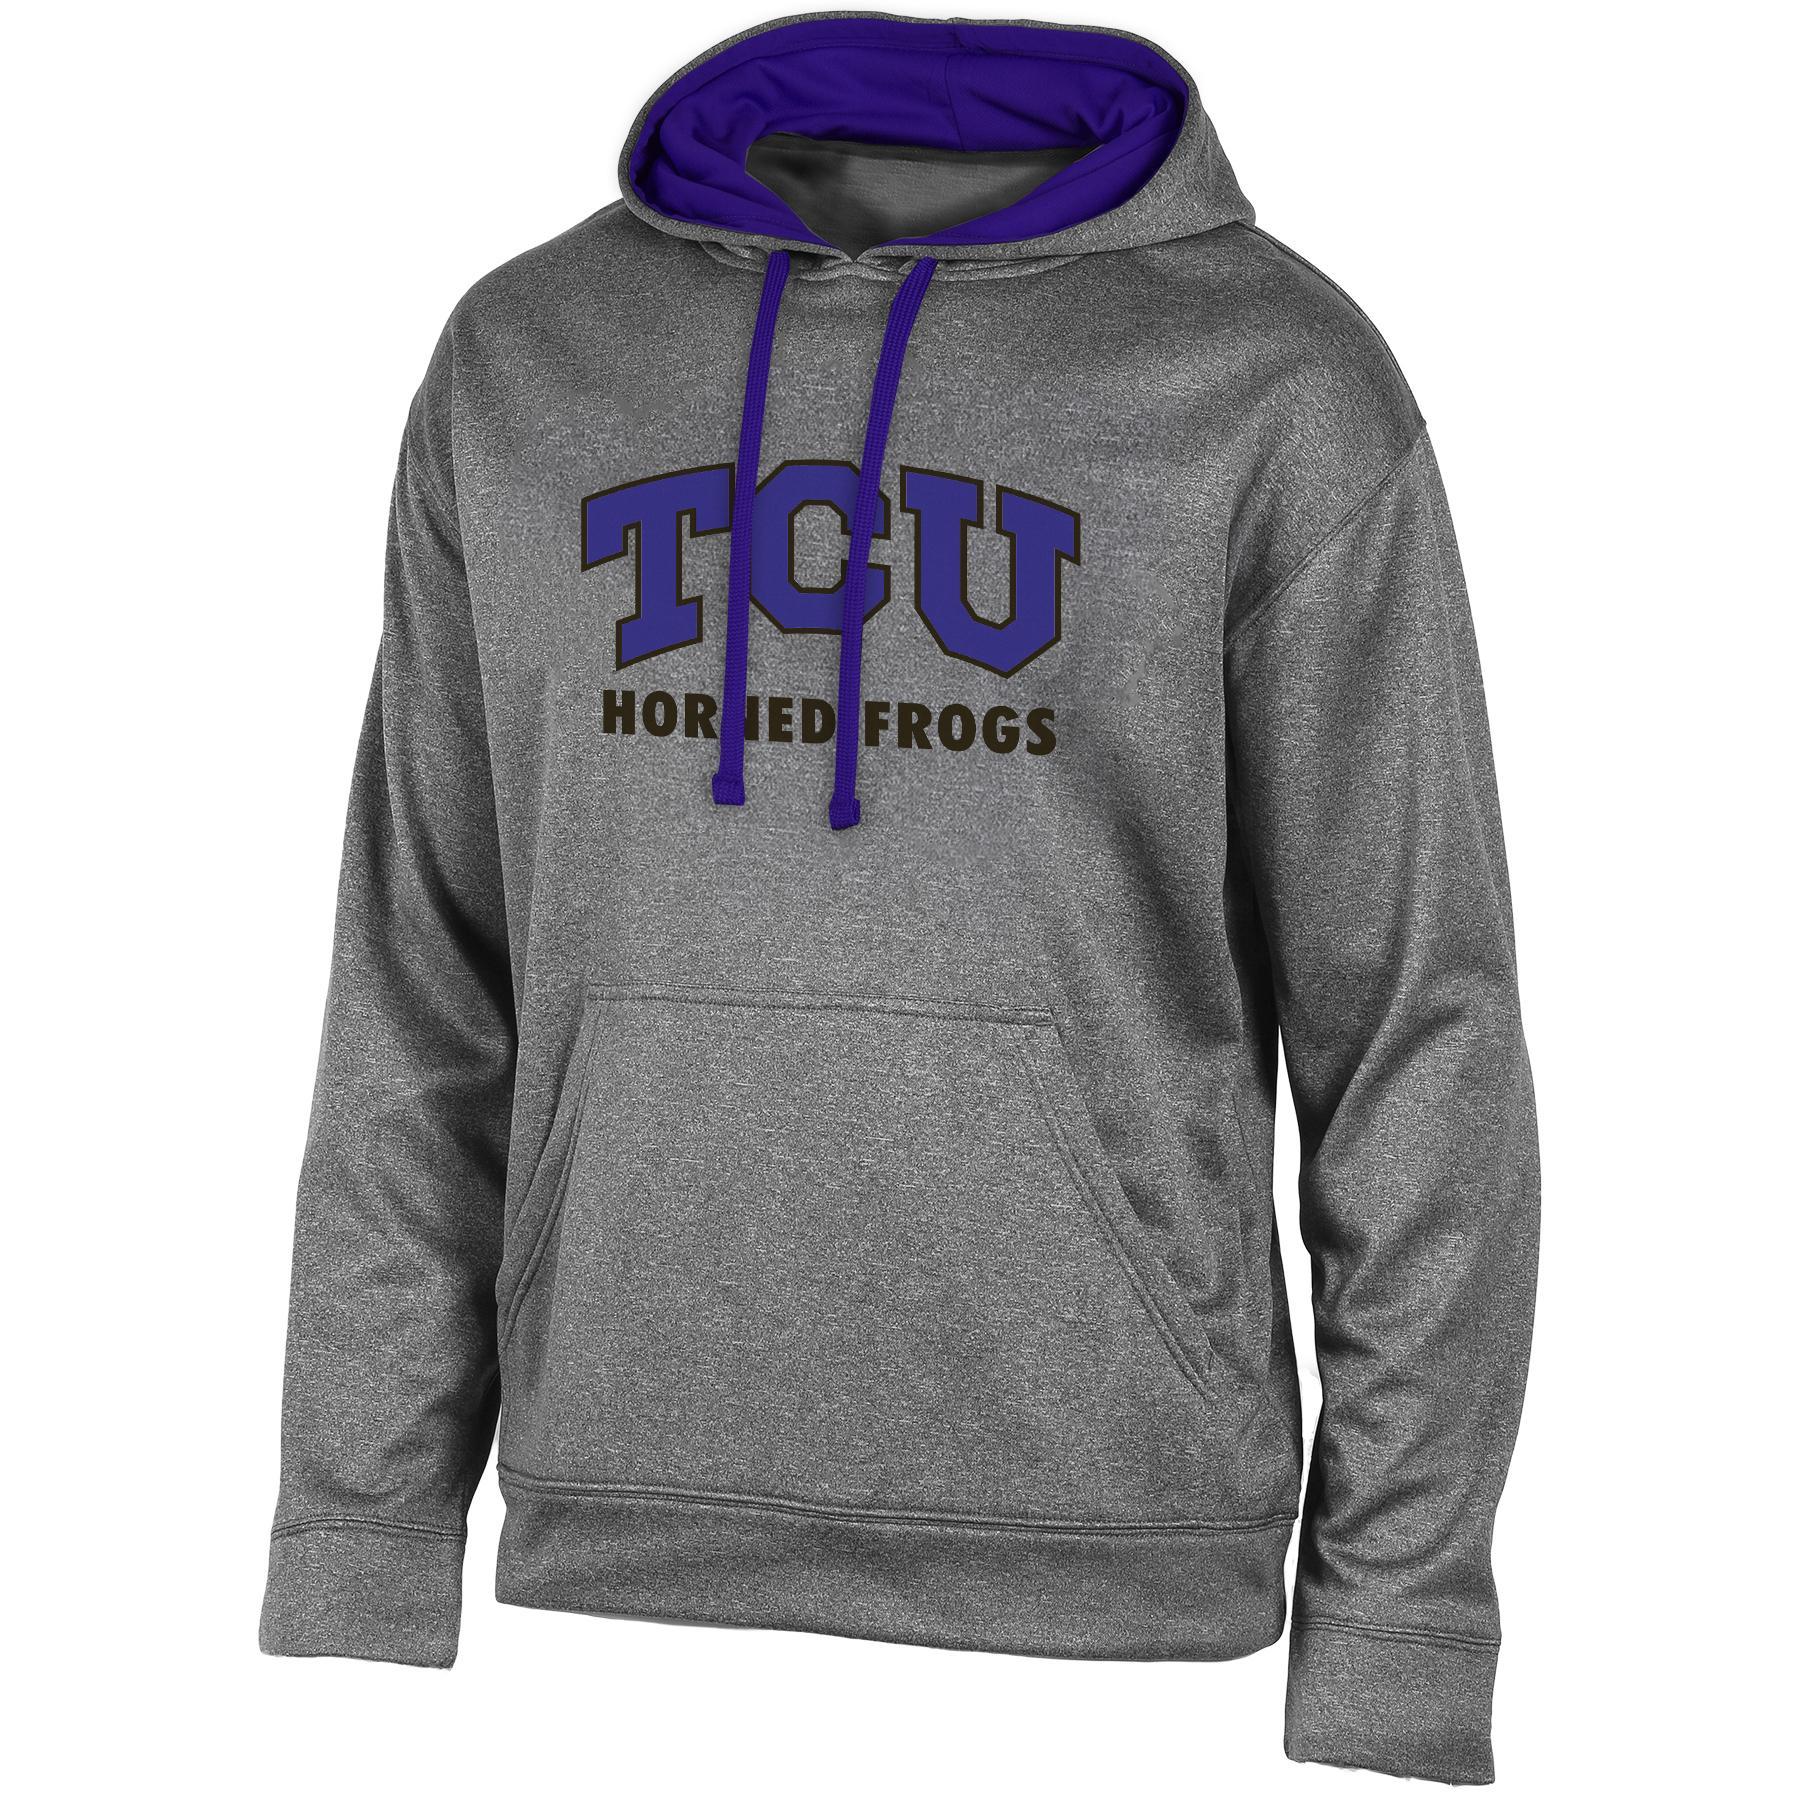 NCAA Men's Hoodie - Texas Christian University Horned Frogs PartNumber: 046VA91362712P MfgPartNumber: 7AMVA38KMF